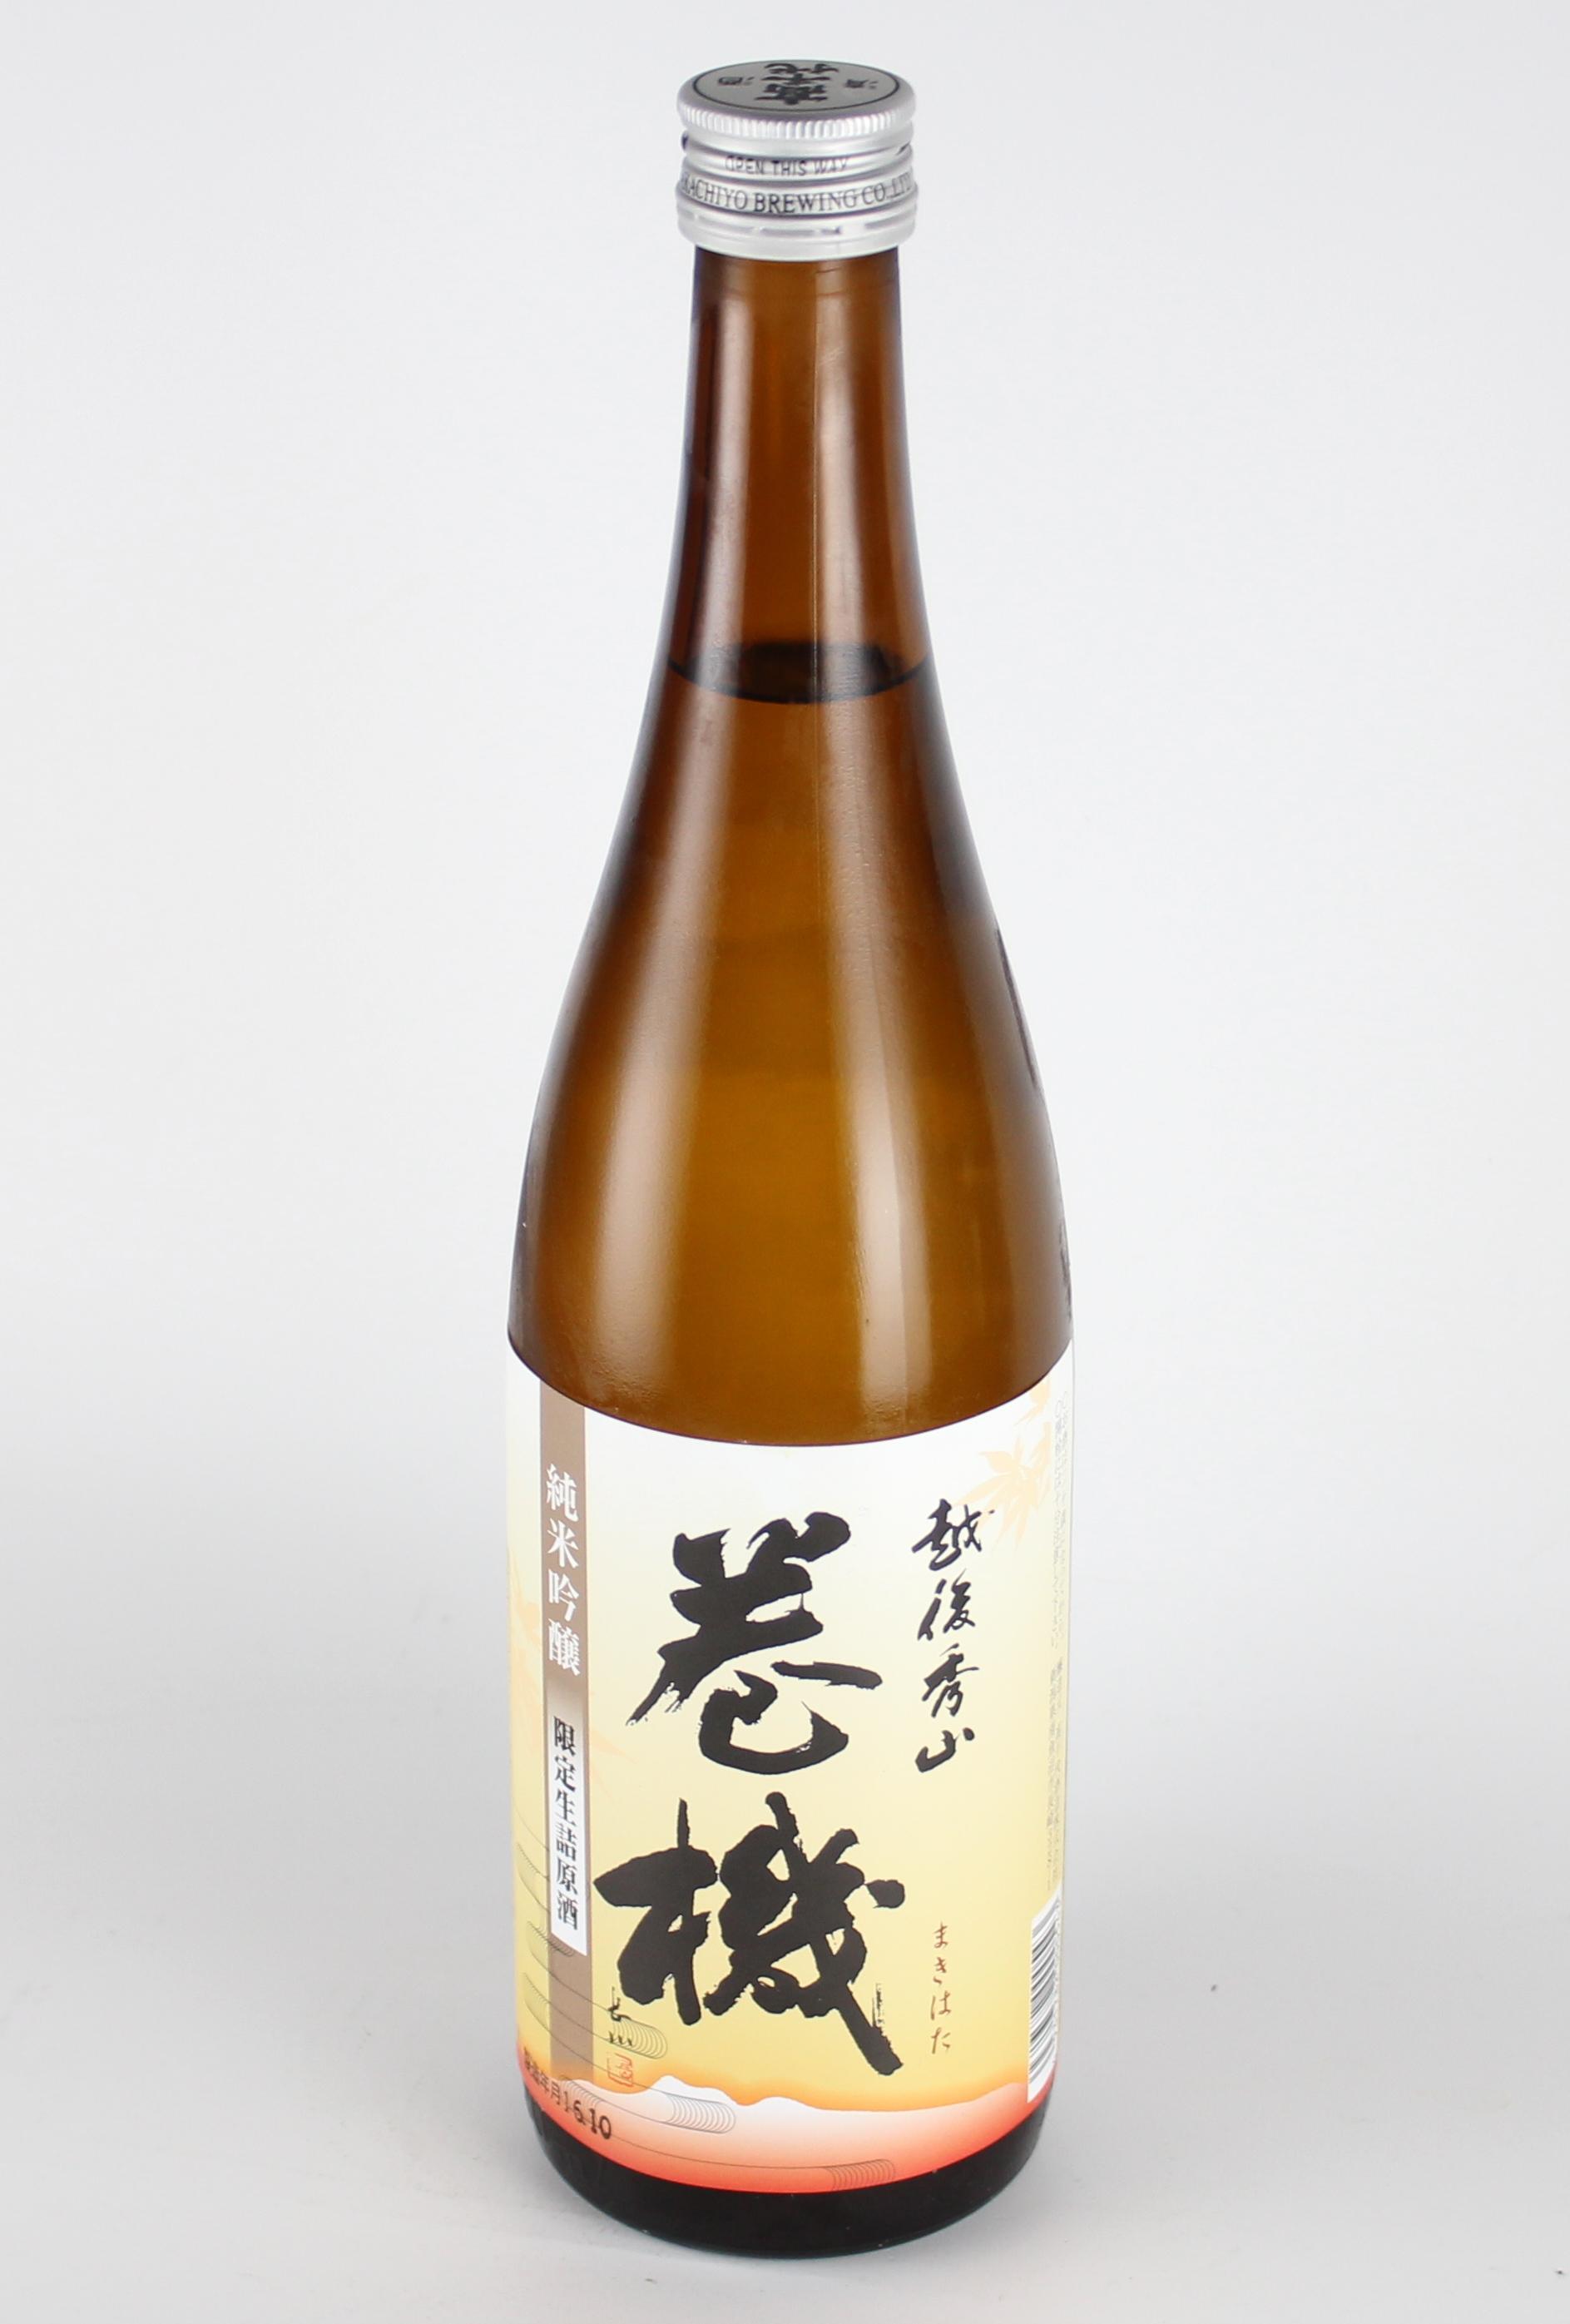 巻機 純米吟醸生詰原酒 一本〆 720ml 【新潟/高千代酒造】